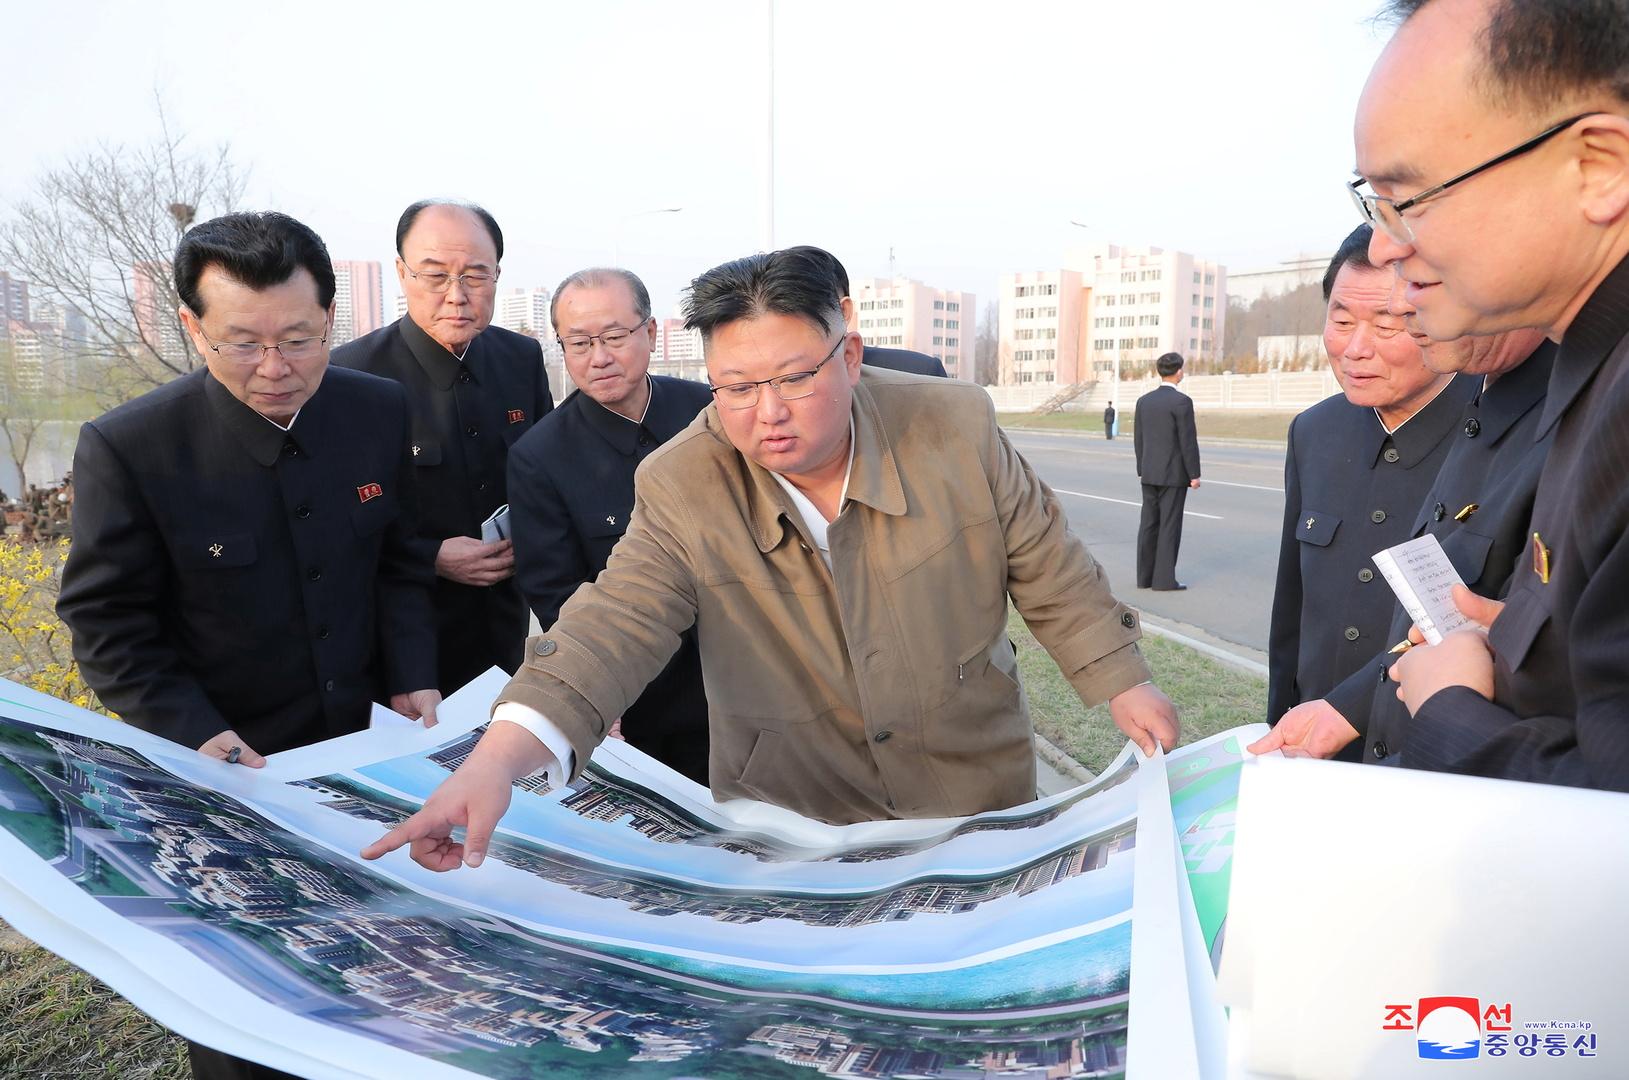 كيم يستعد للقتال.. وصواريخ كوريا الشمالية النووية رهن إشارة منه!